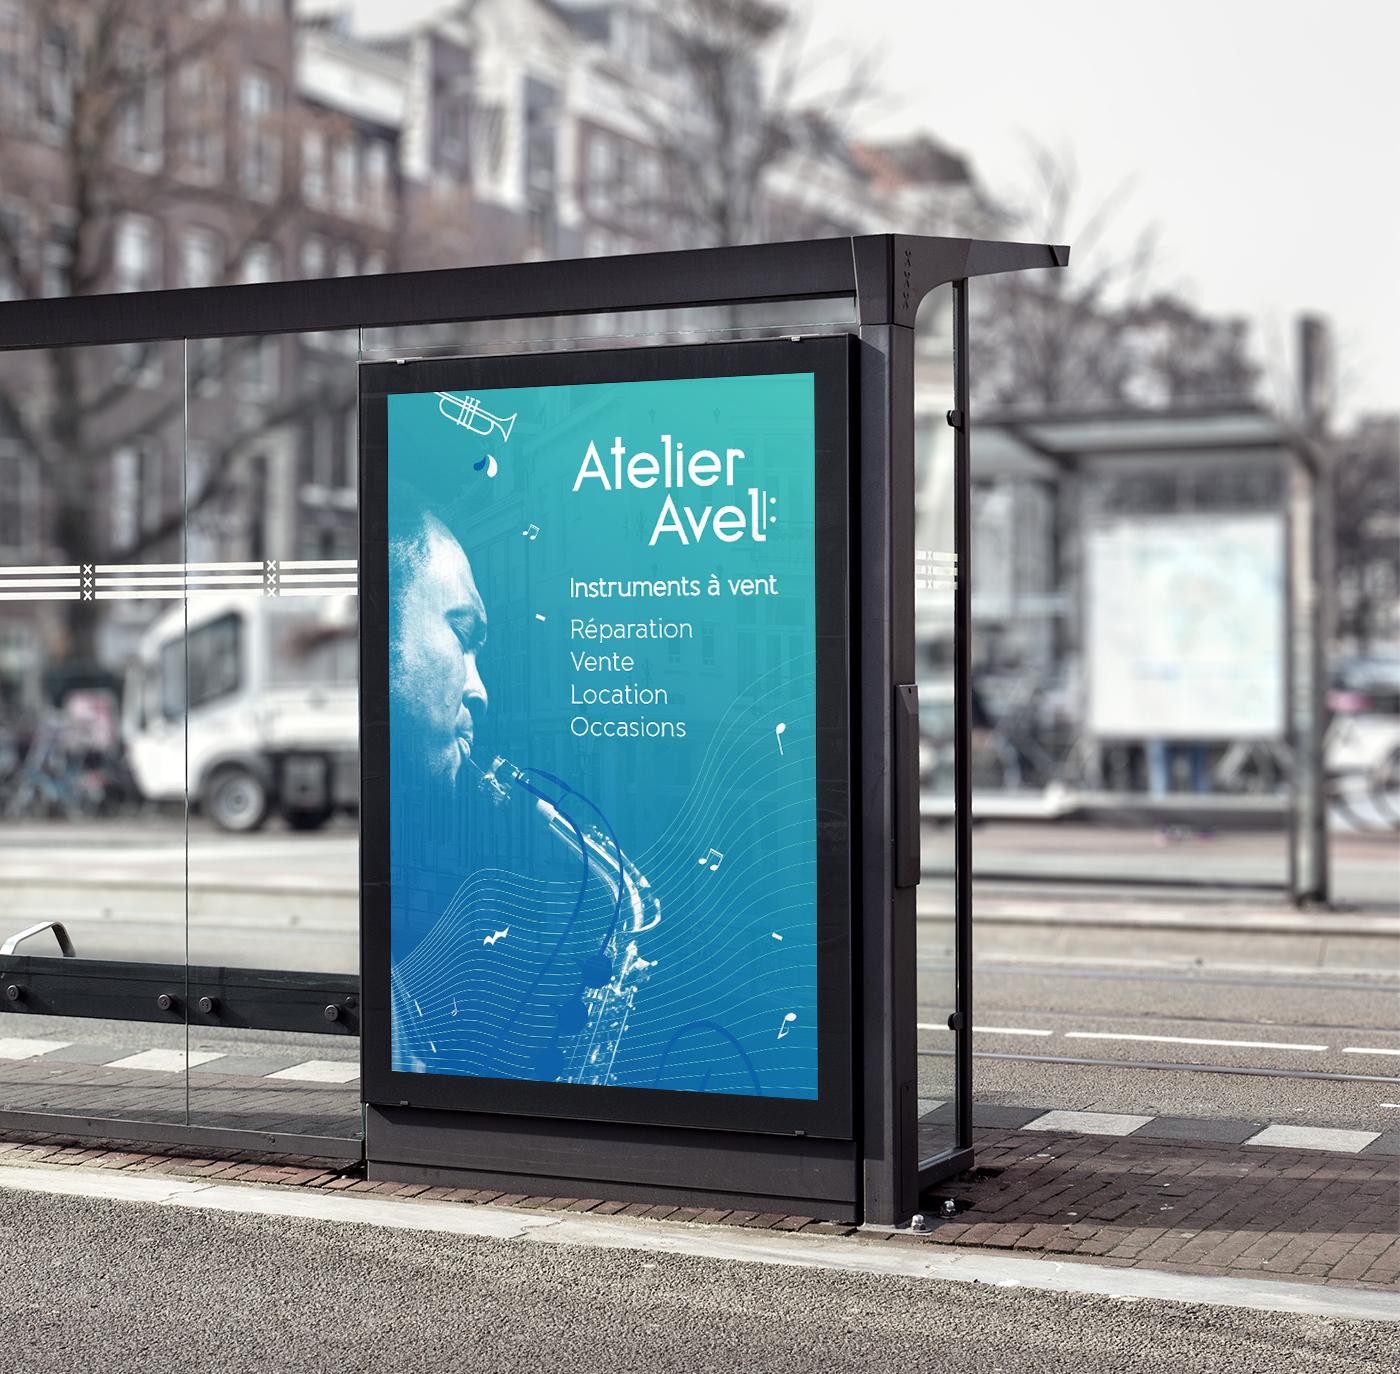 affiche-atelier-avel-A2-design-graphique